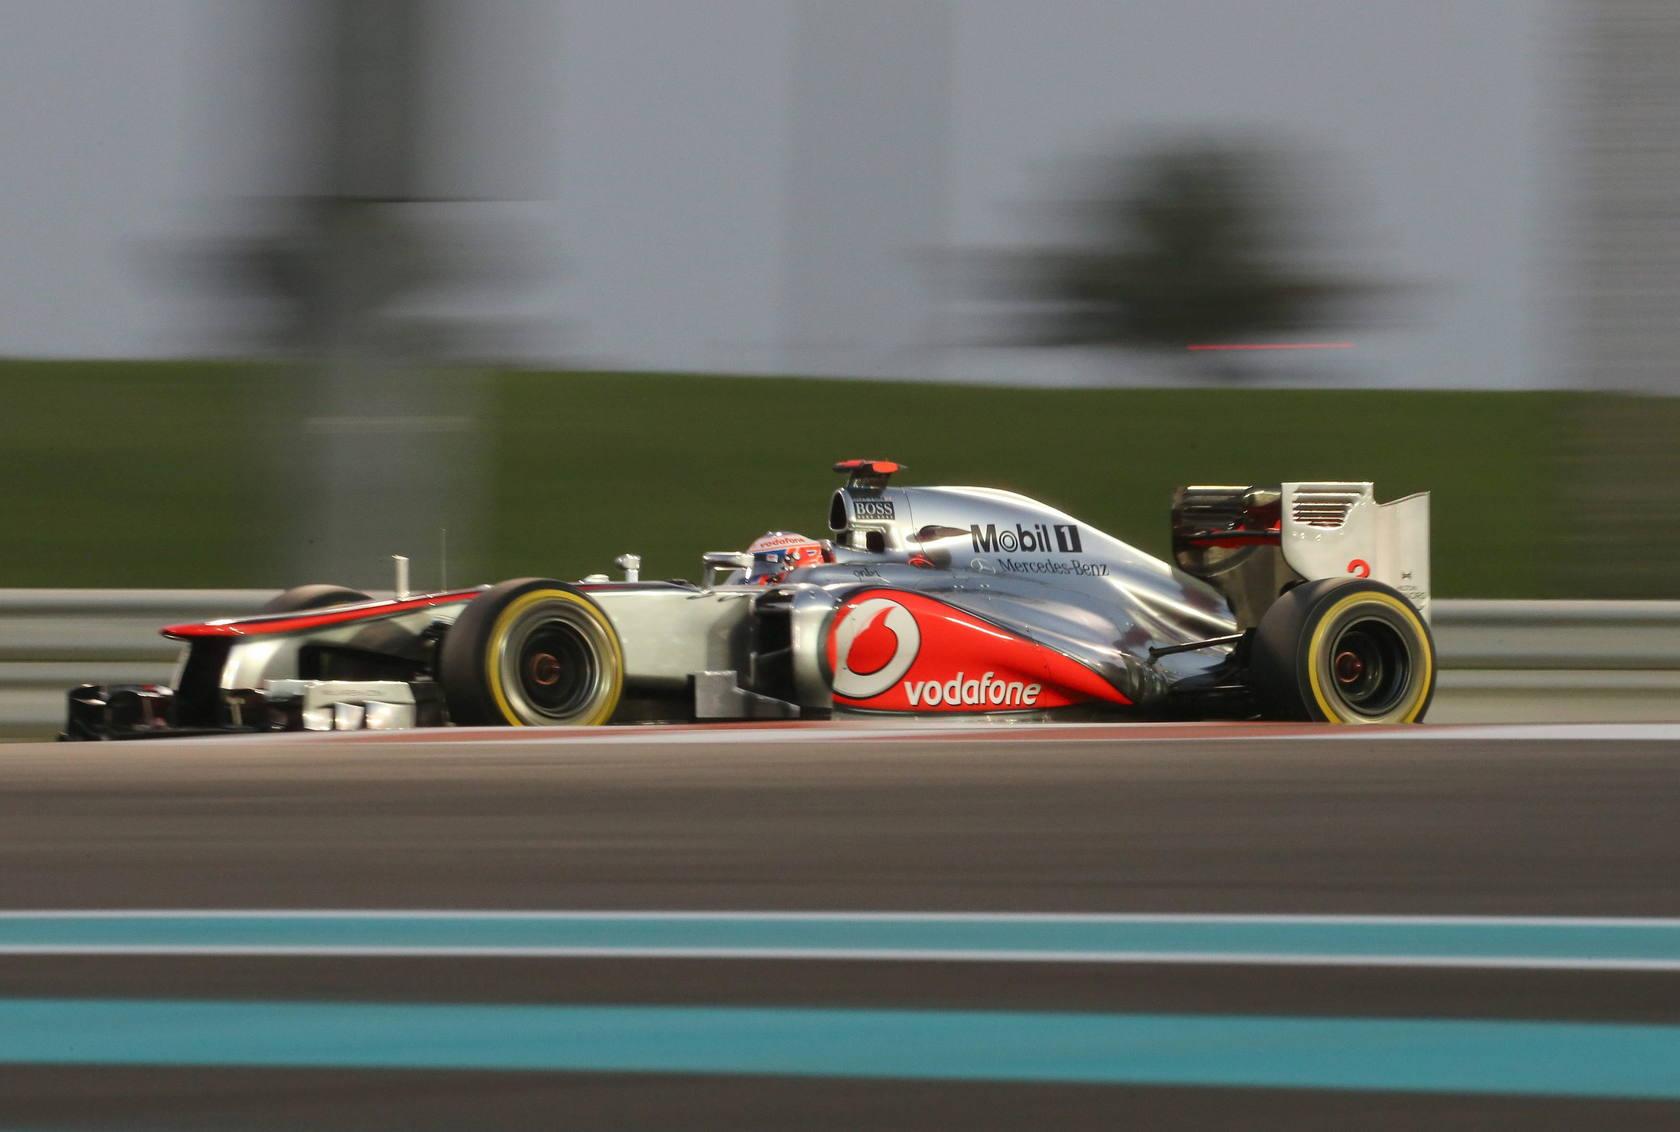 Pruebas de clasificación en el Gran Premio de Abu Dabi